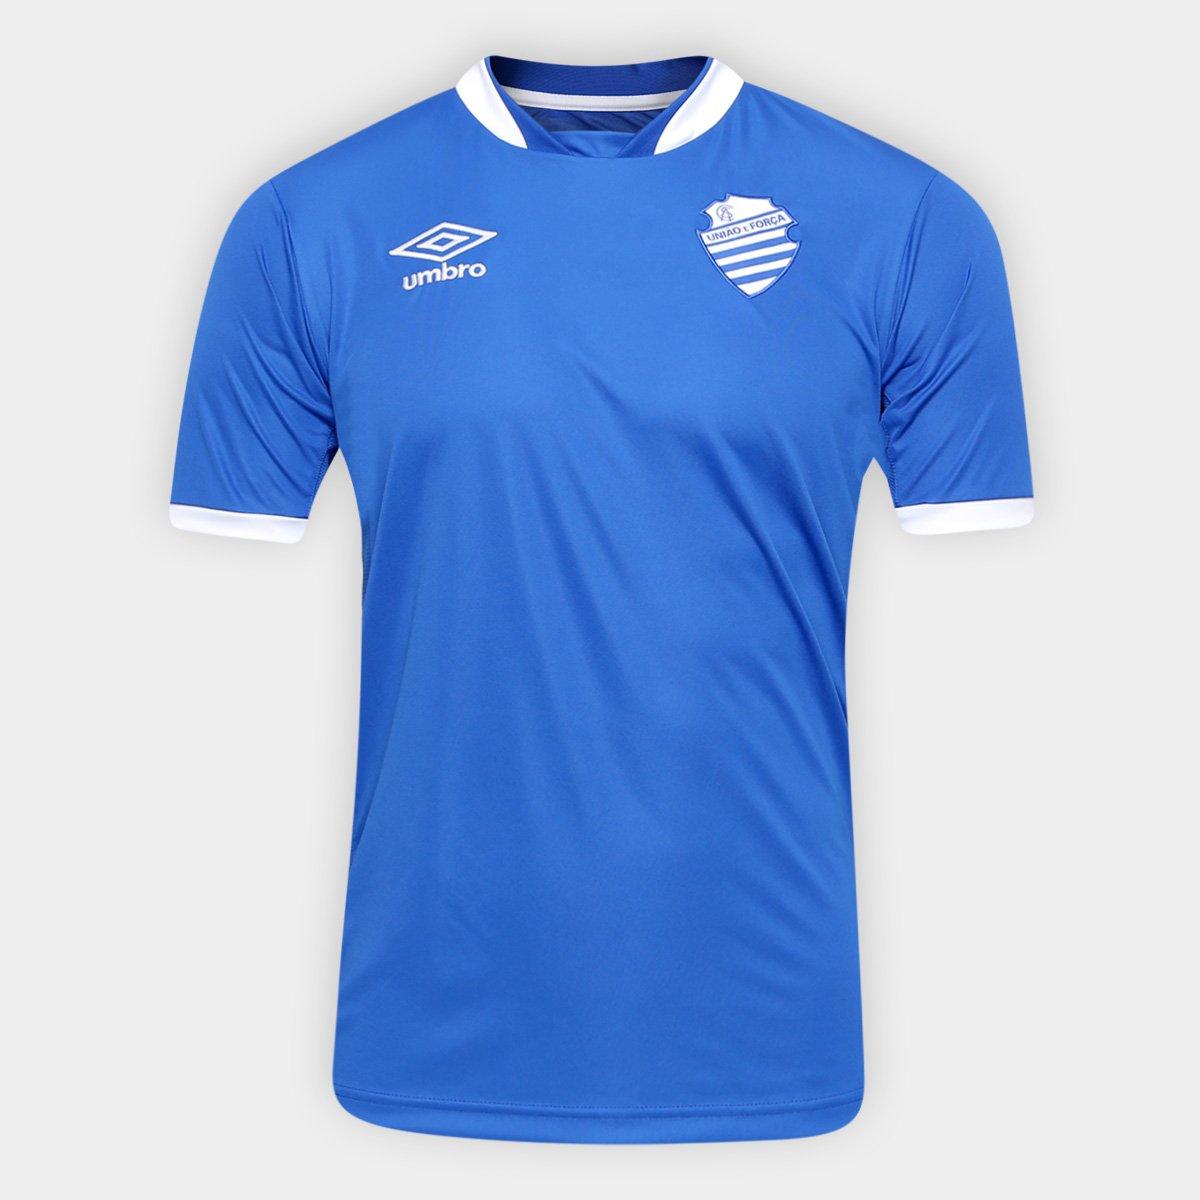 2bed745061 Camisa CSA I 2016 nº 10 - Torcedor Umbro Masculina - Compre Agora ...